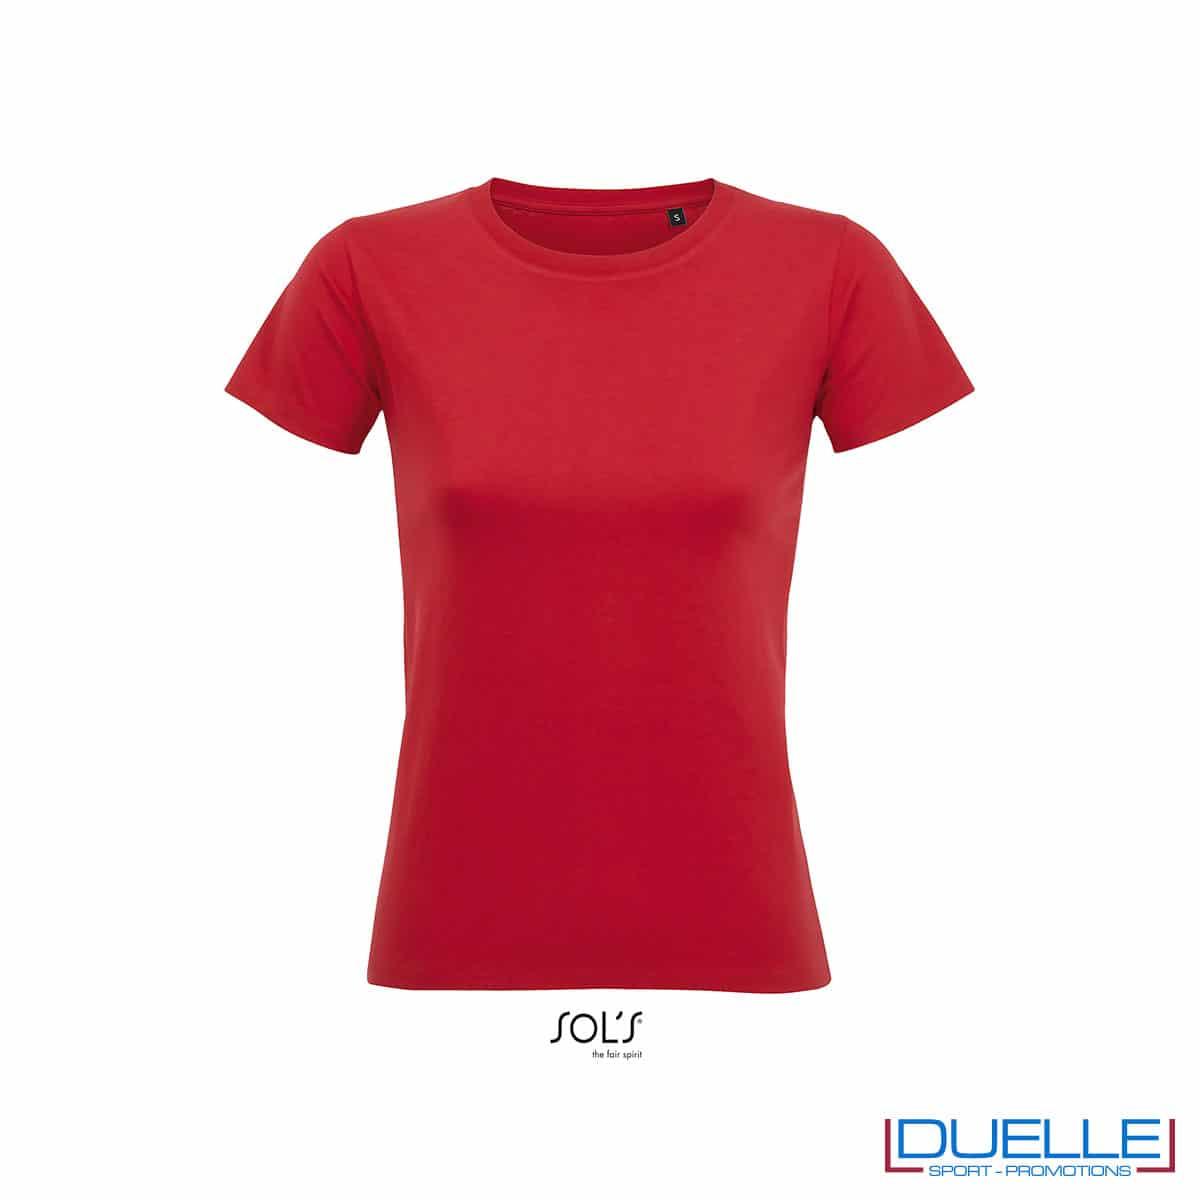 maglia rossa in cotone spazzolato femminile